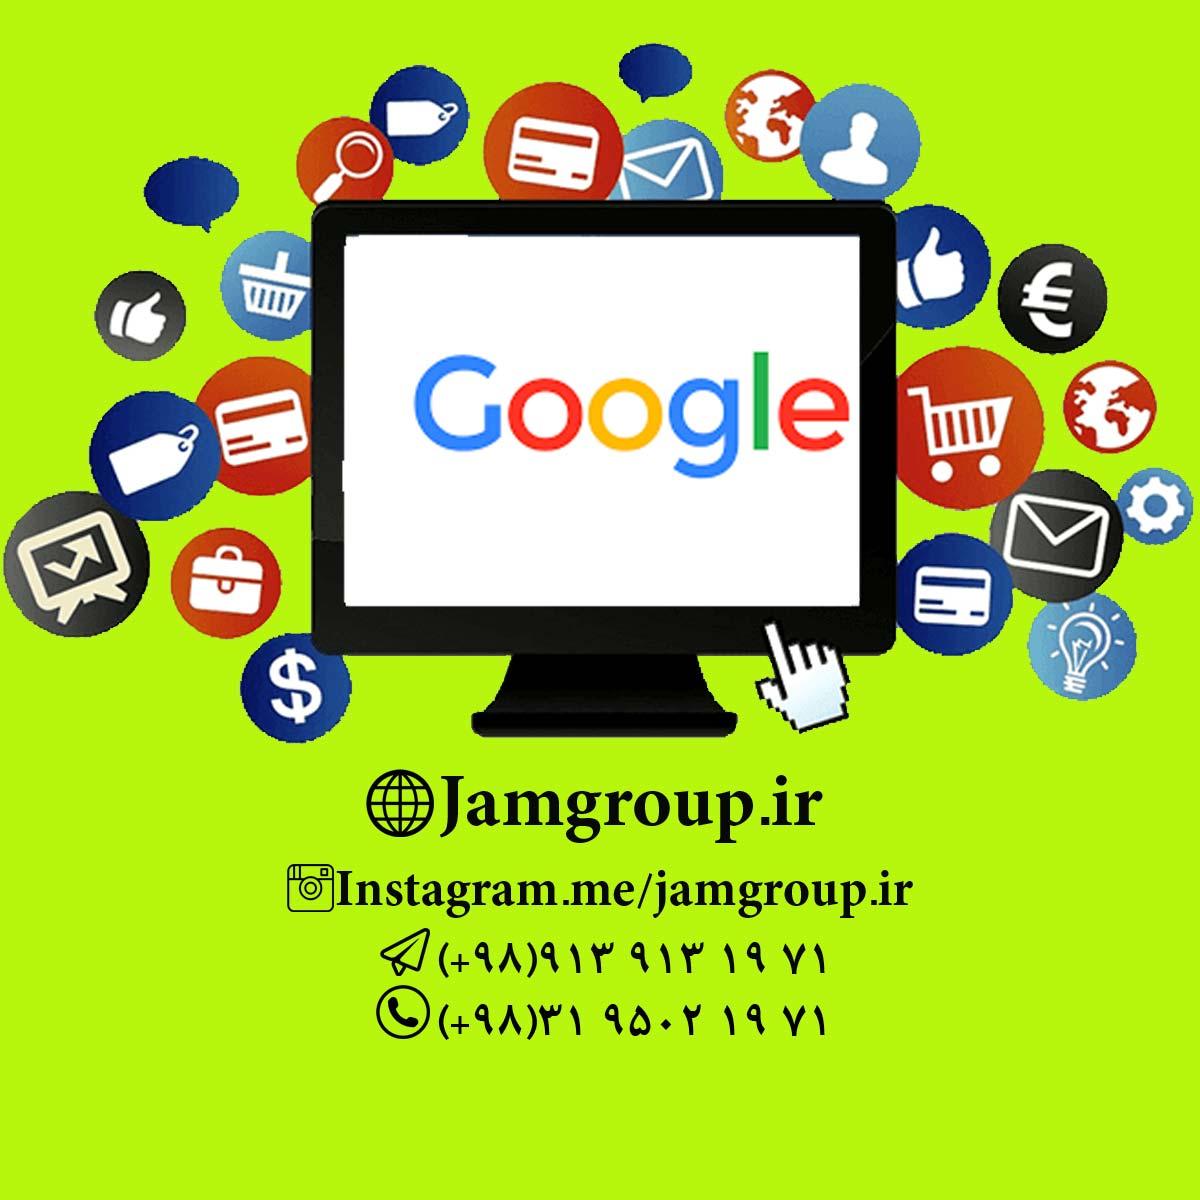 دیجیتال برندینگ و صادرات محصولات آنلاین